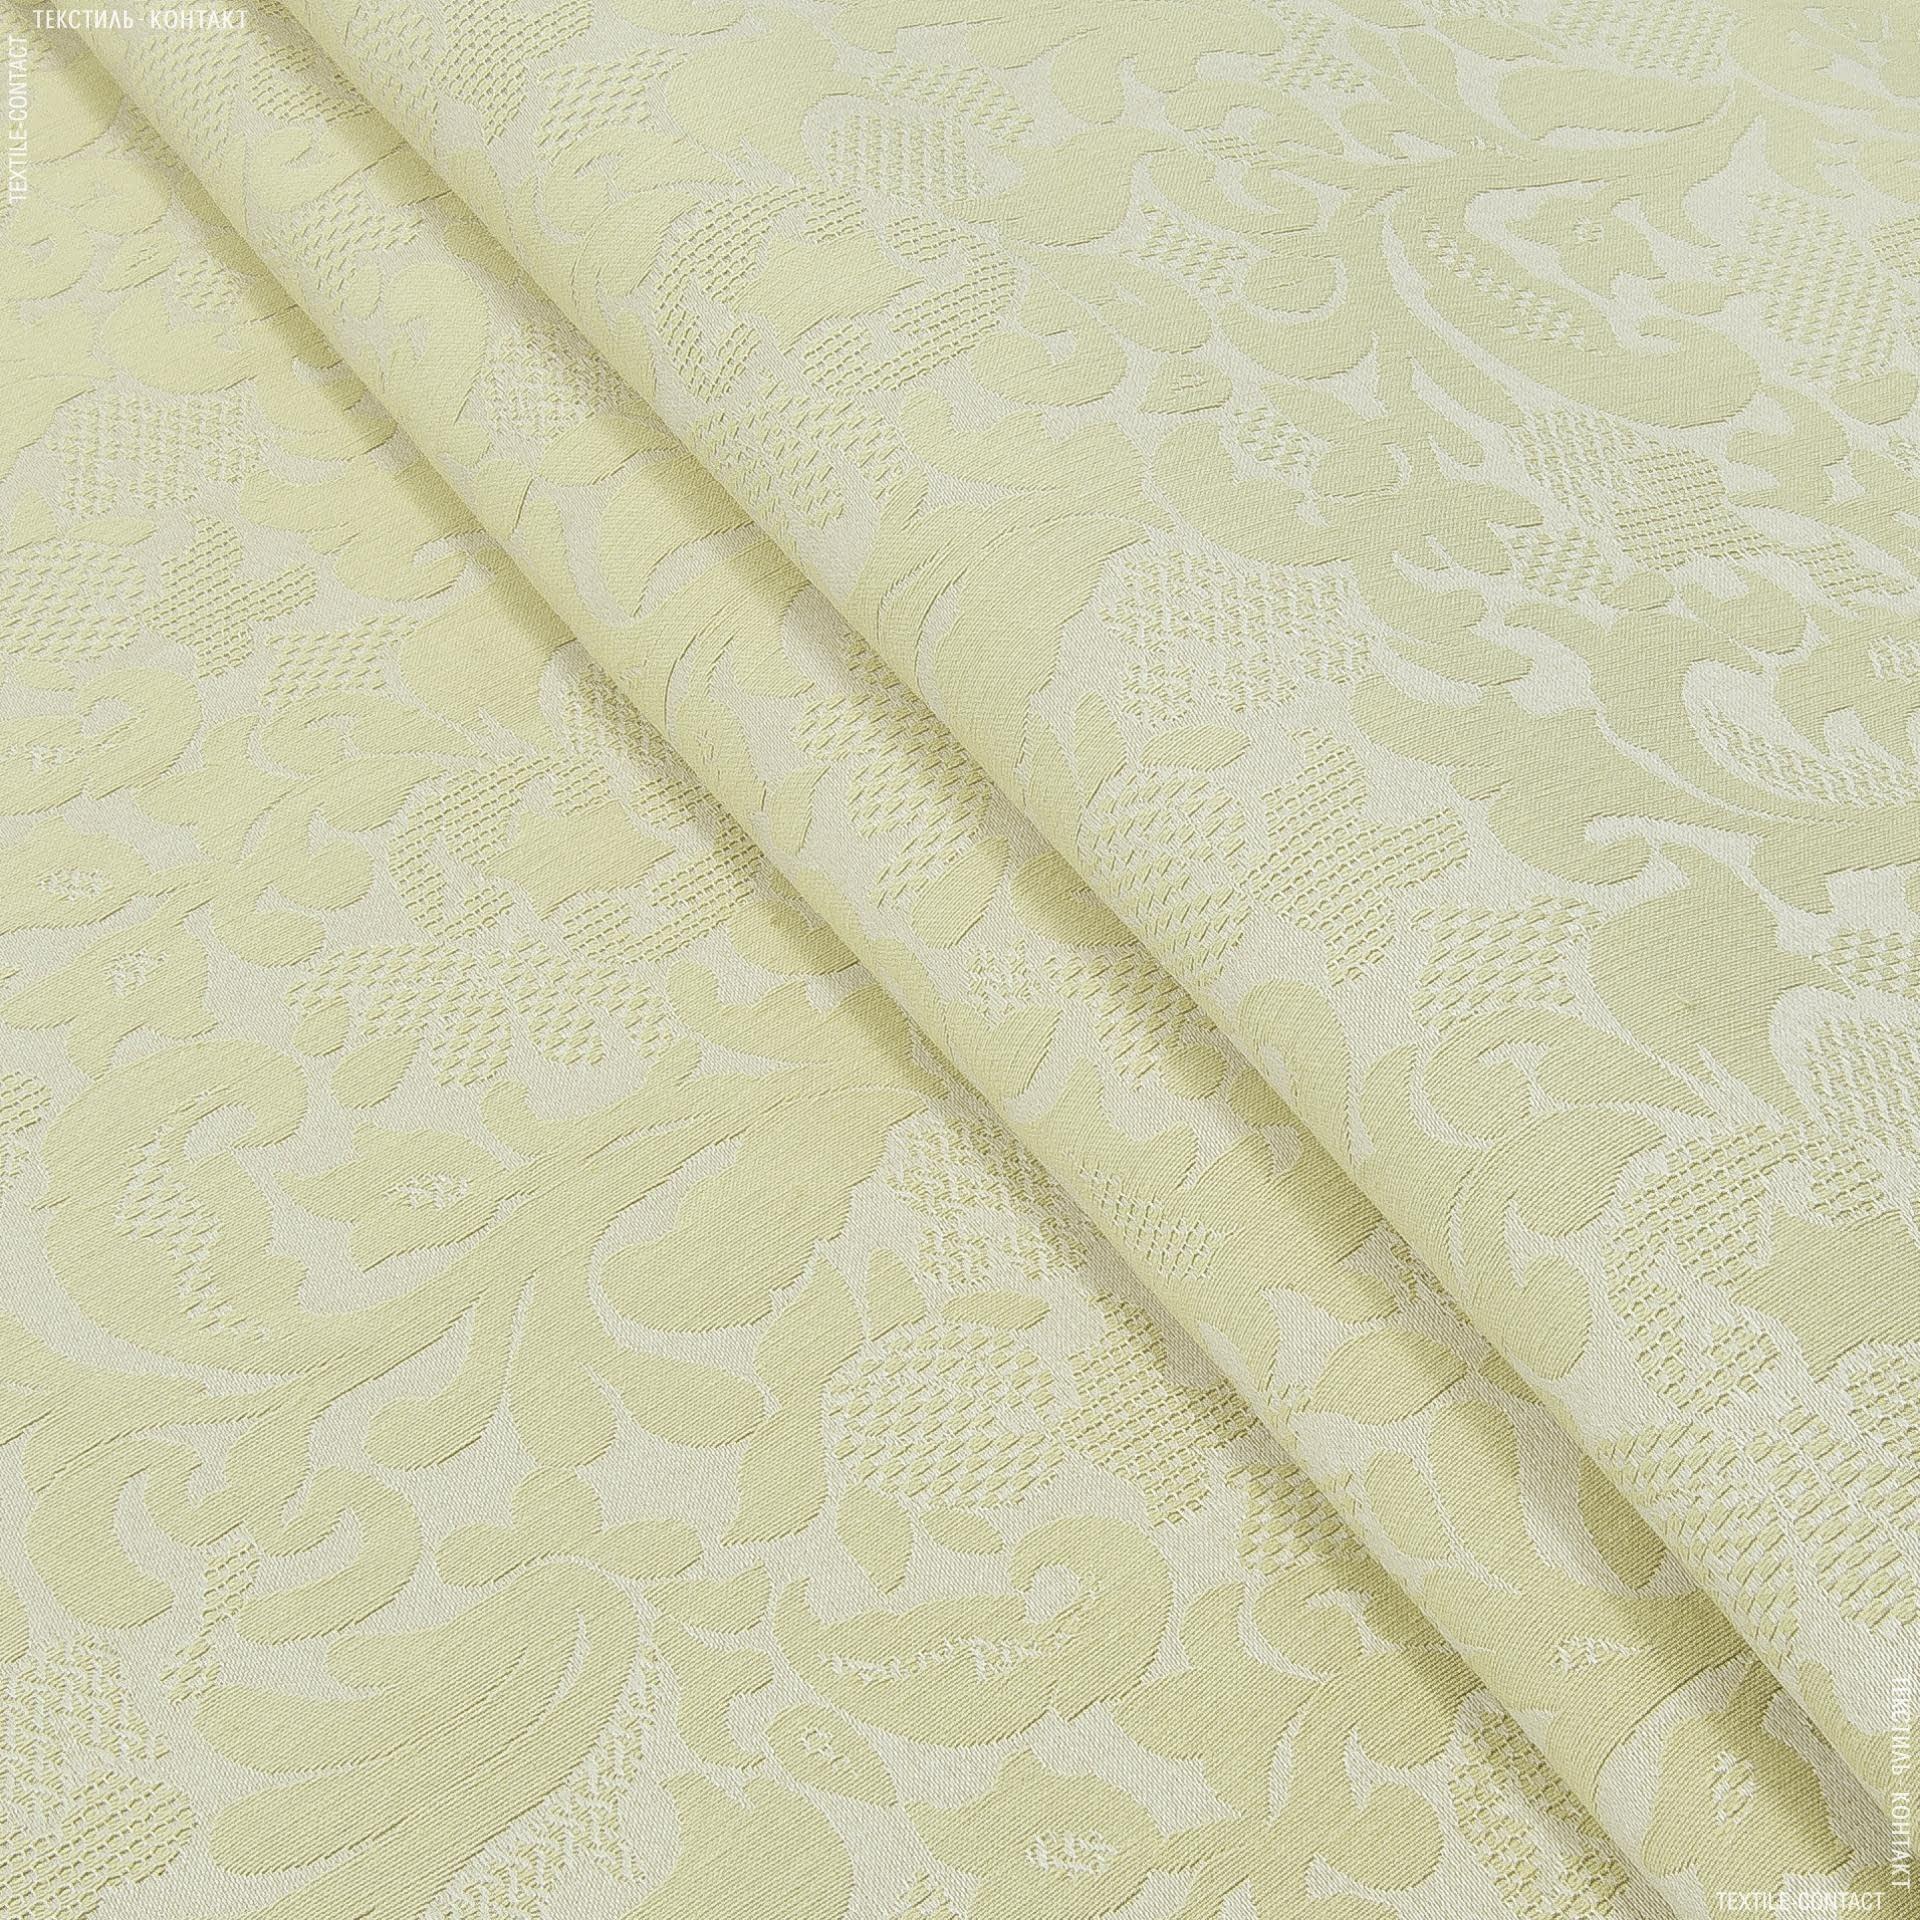 Ткани портьерные ткани - Декоративная ткань  рапсодия / беж-св.золото